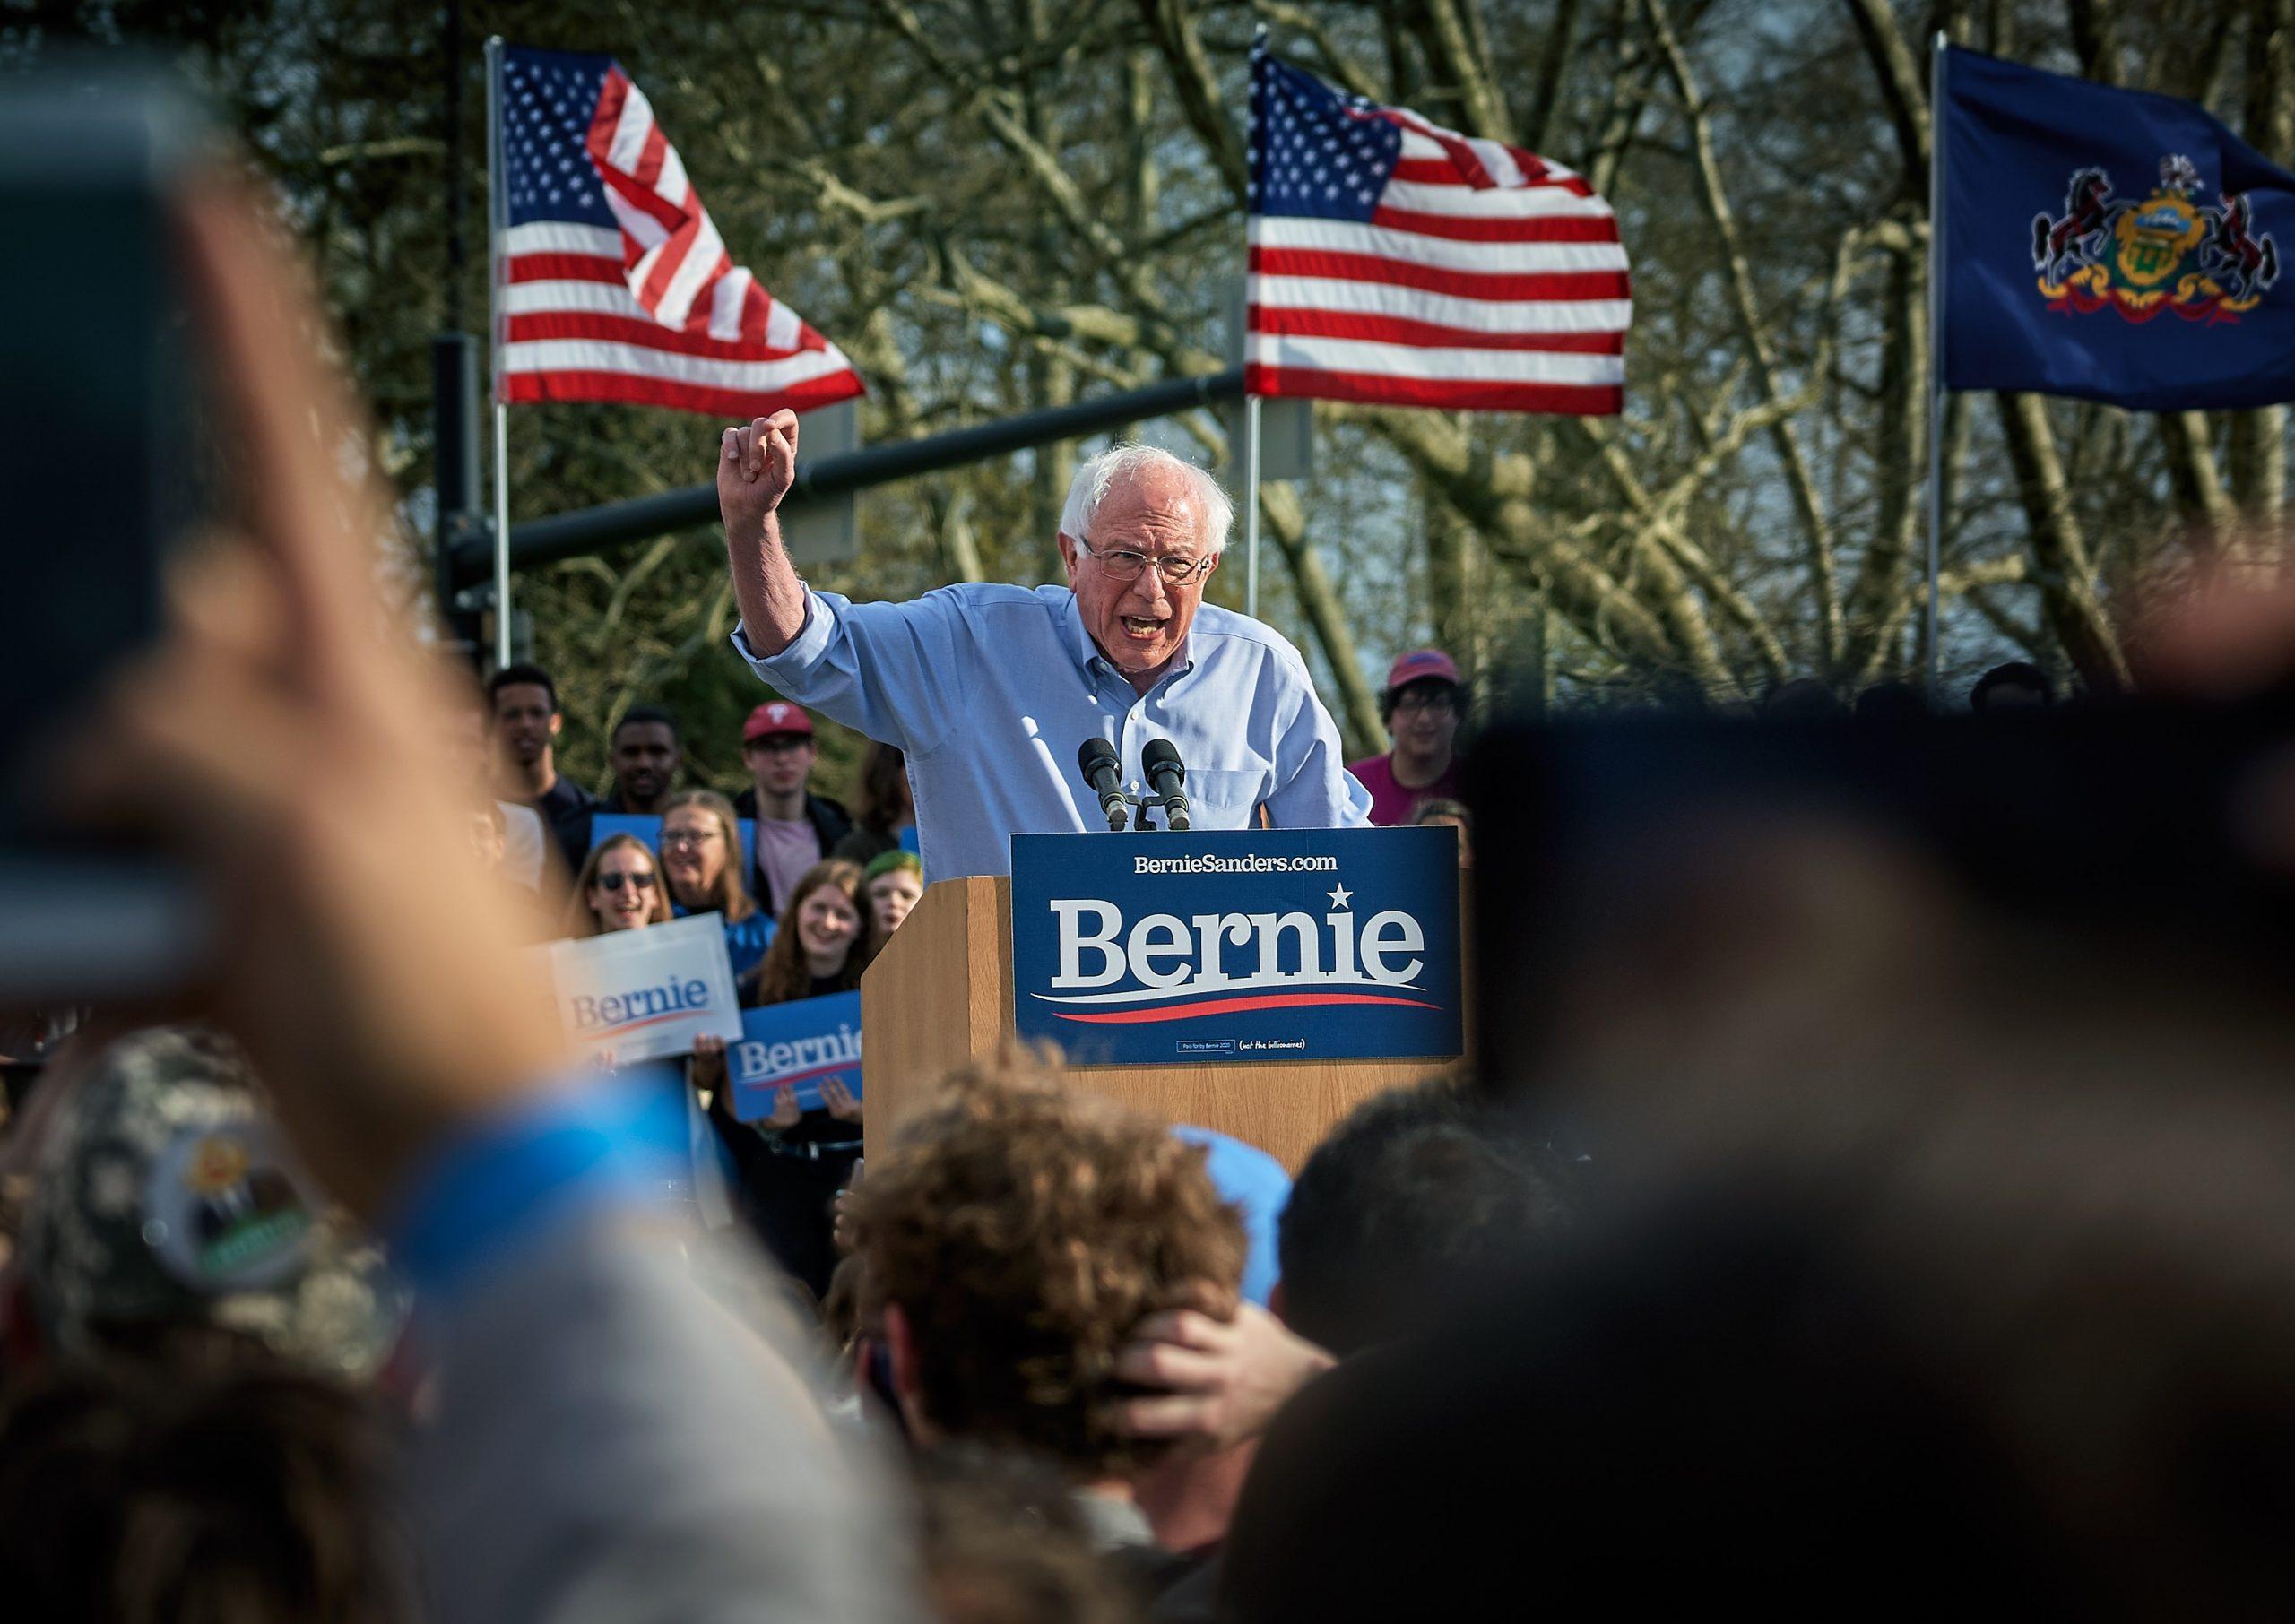 Vorwahlkampf: Favorit gewinnt wichtige Wahl in New Hampshire